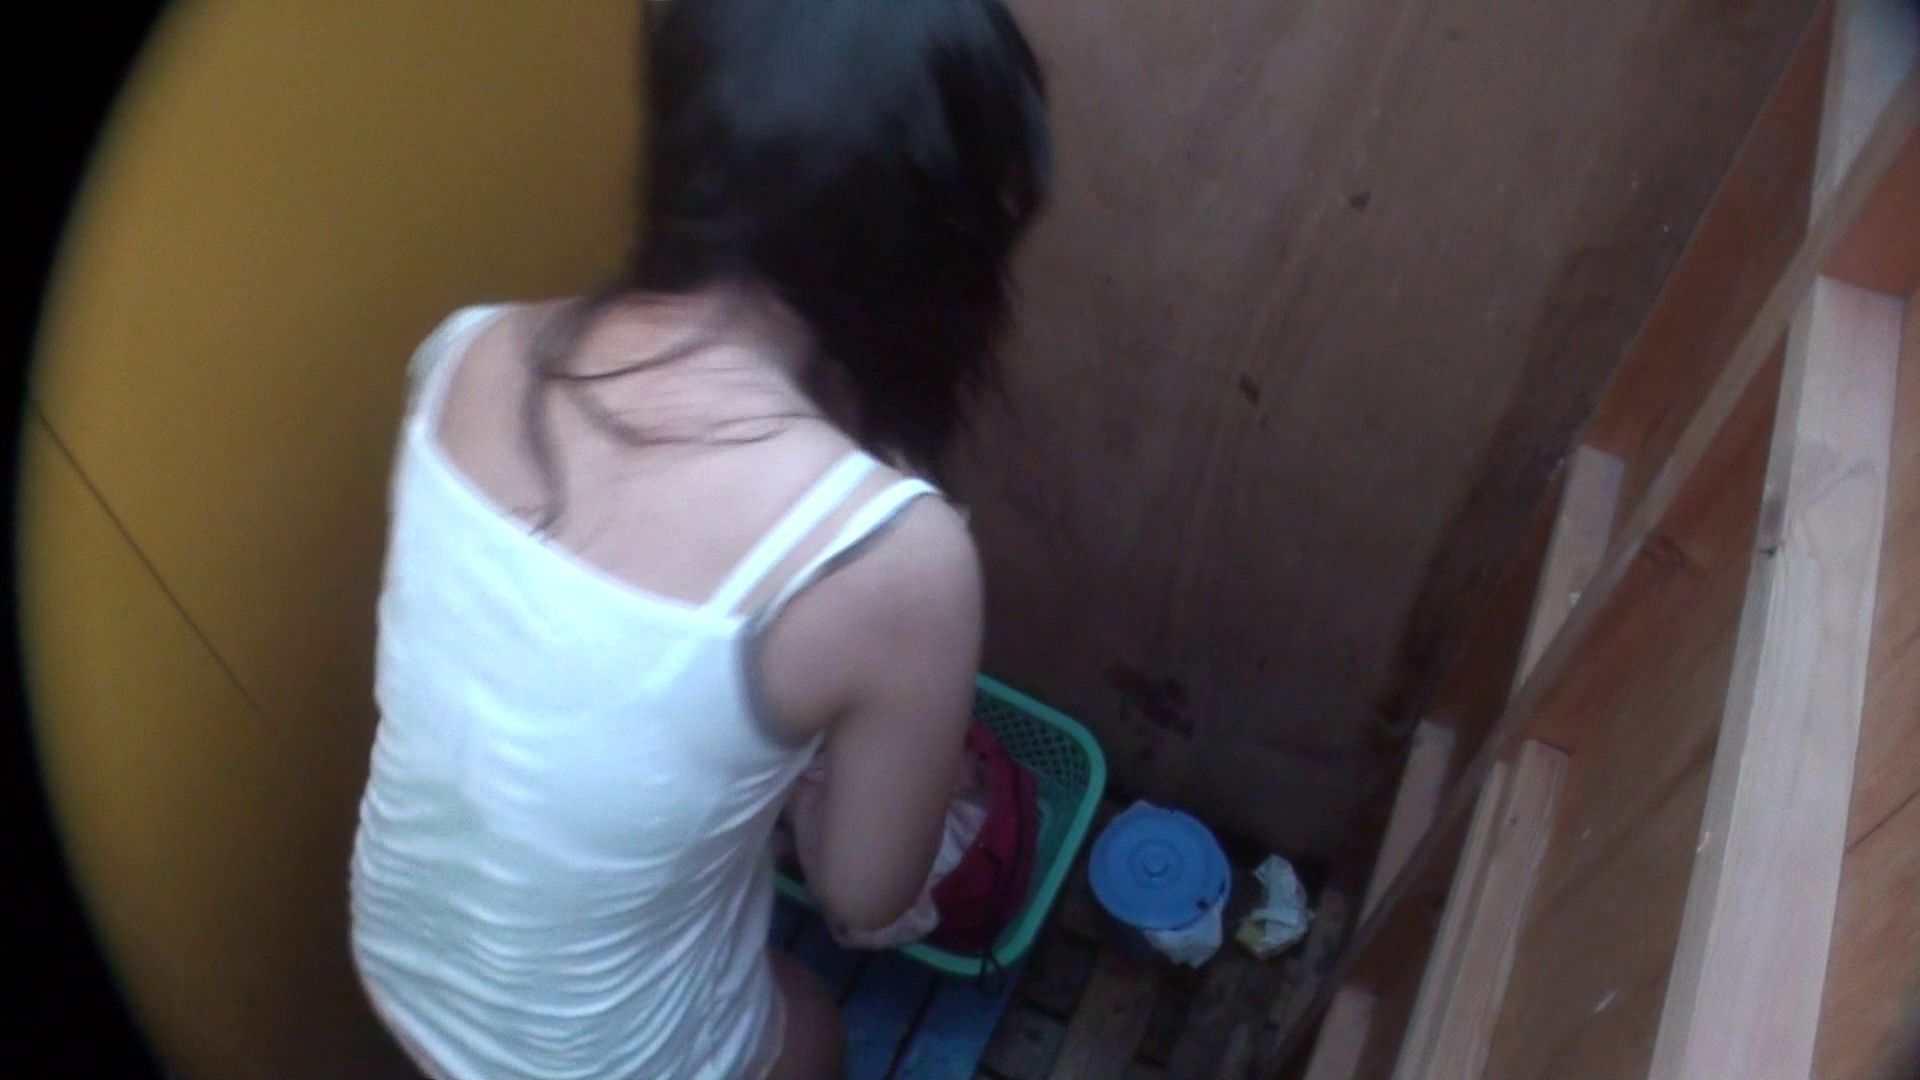 シャワールームは超!!危険な香りVol.13 ムッチムチのいやらしい身体つき シャワー  111pic 99